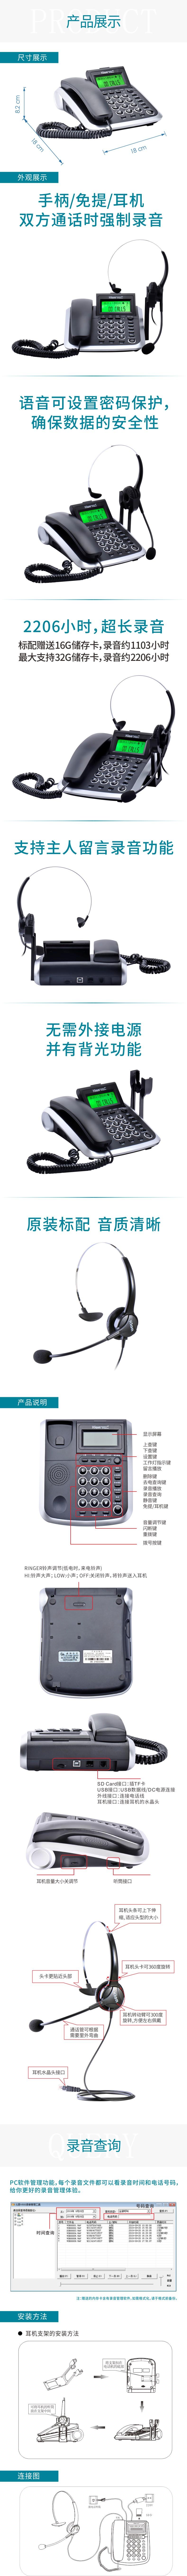 北恩 V900 录音耳机电话